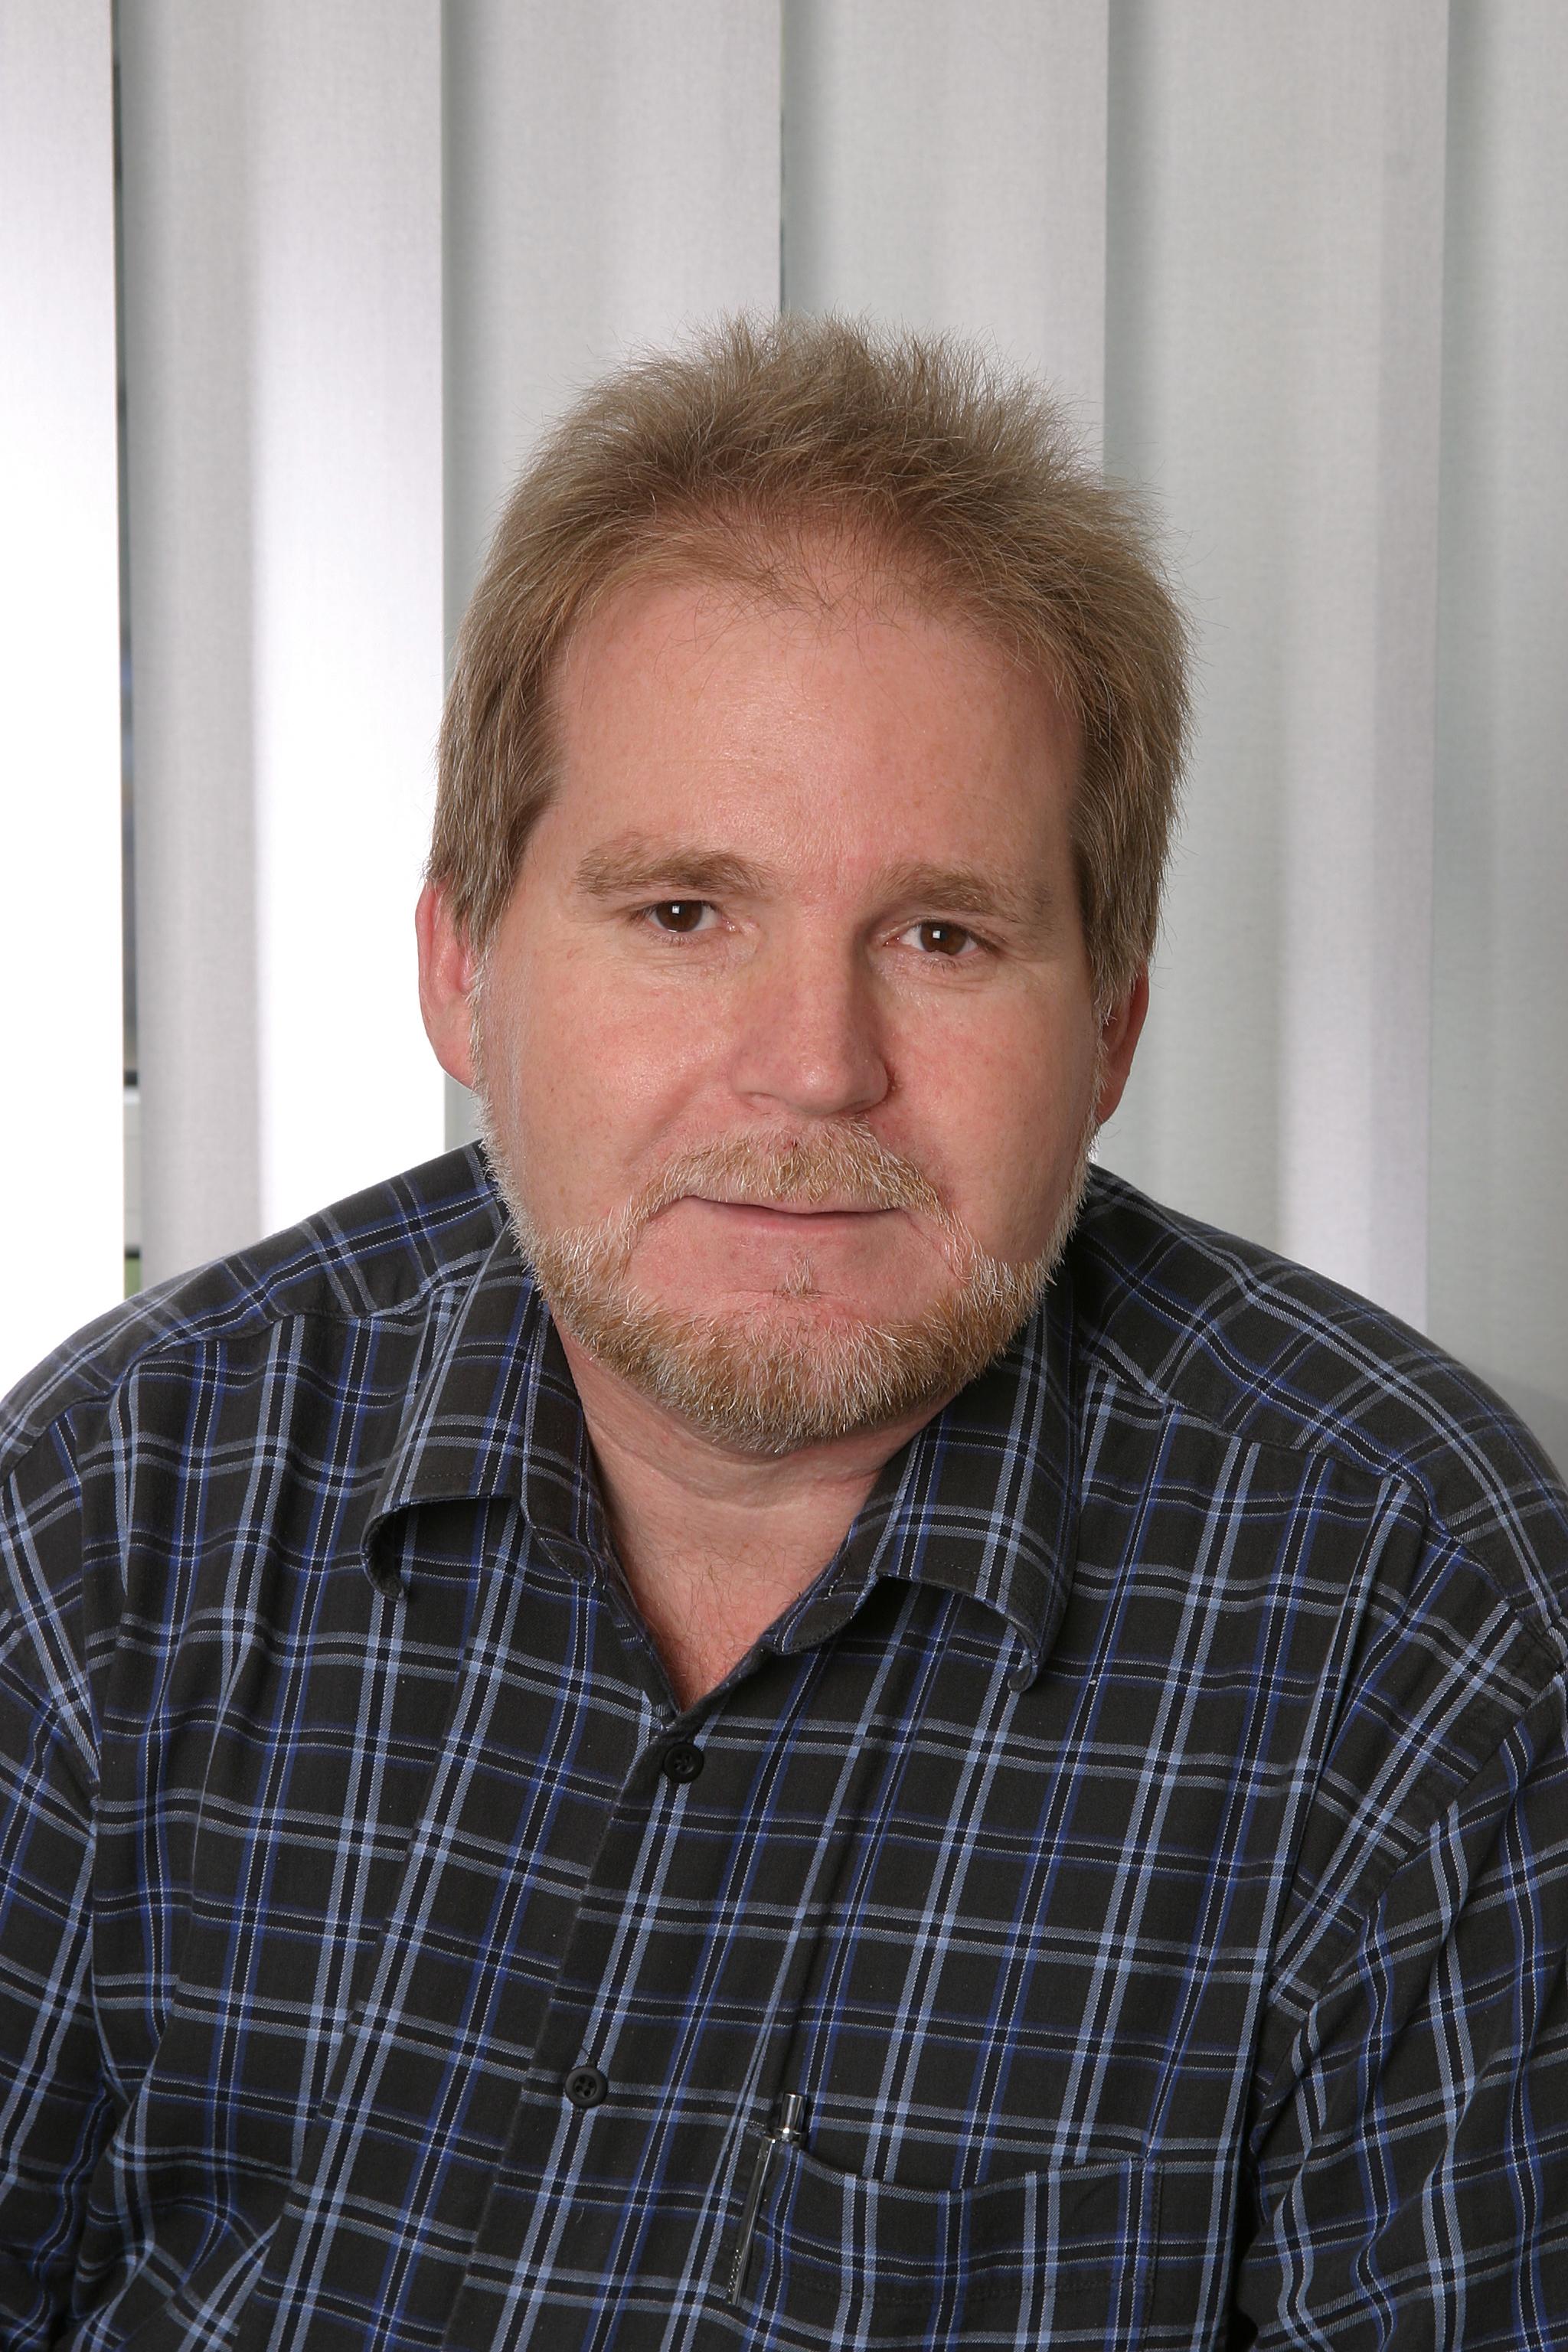 <b>Harald Brenner</b> - ARTID_21143_h8nSlG?name=Brenner